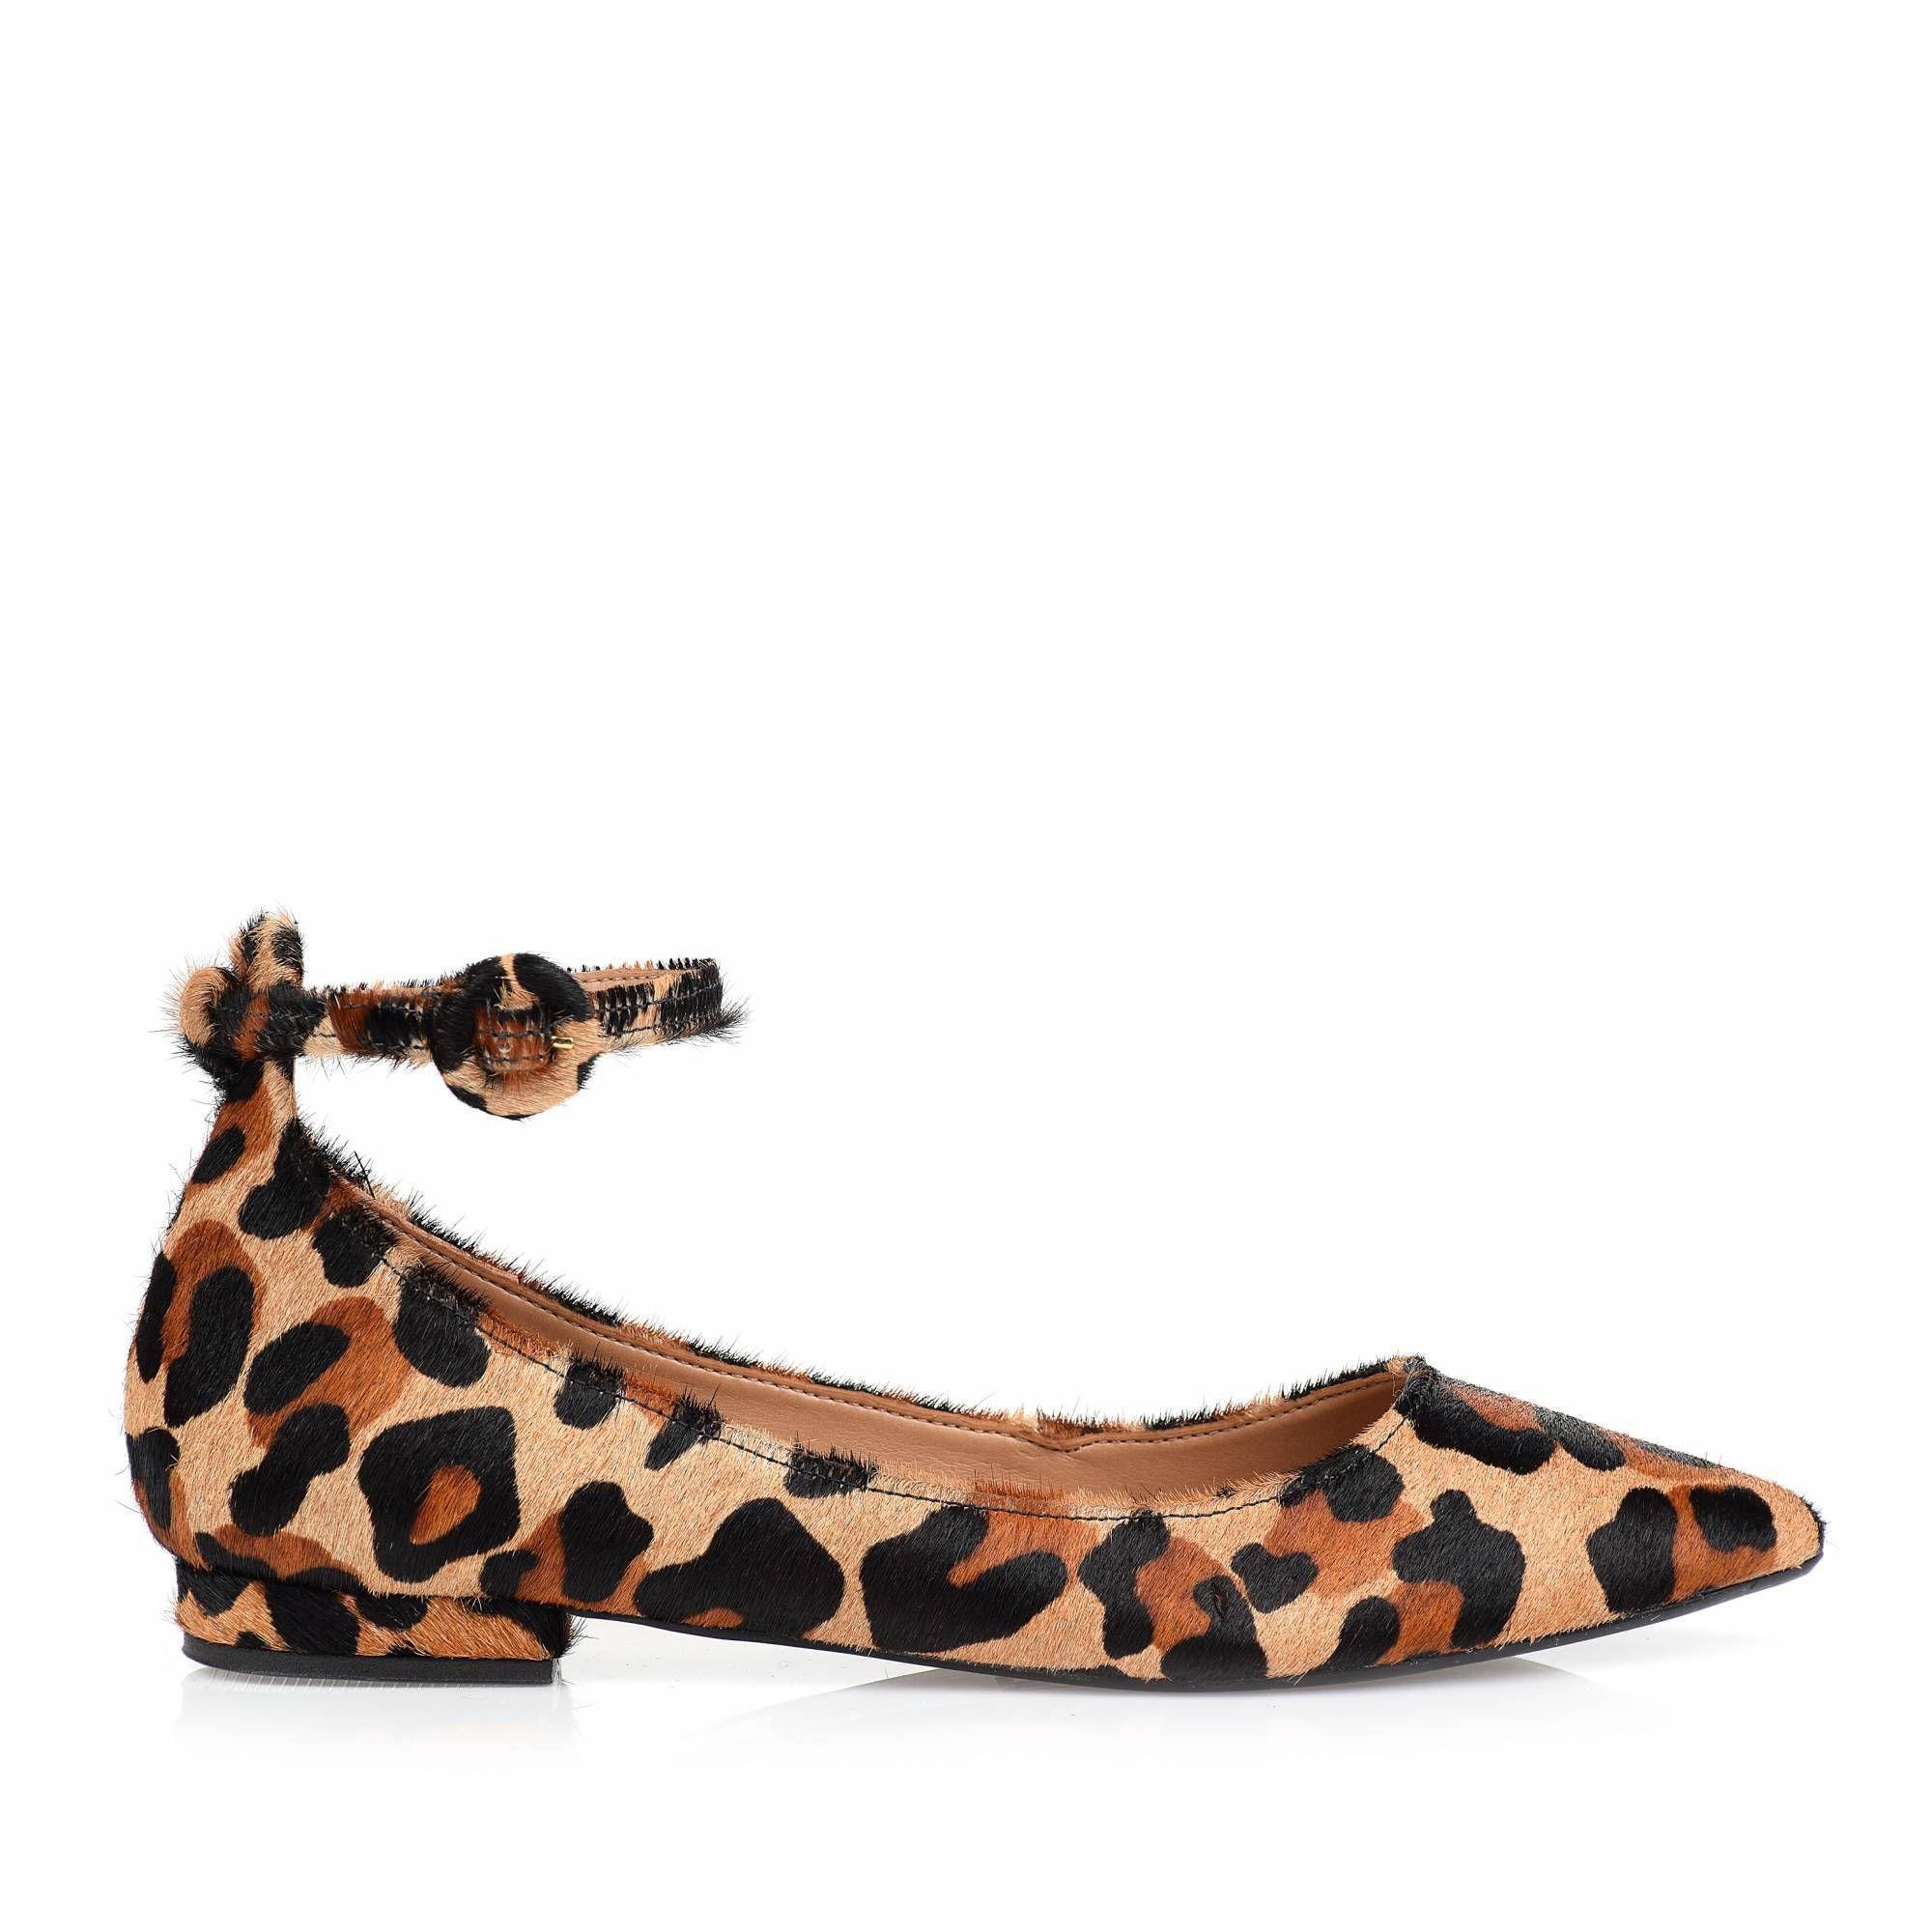 Sapatilha Pelo Leopardo